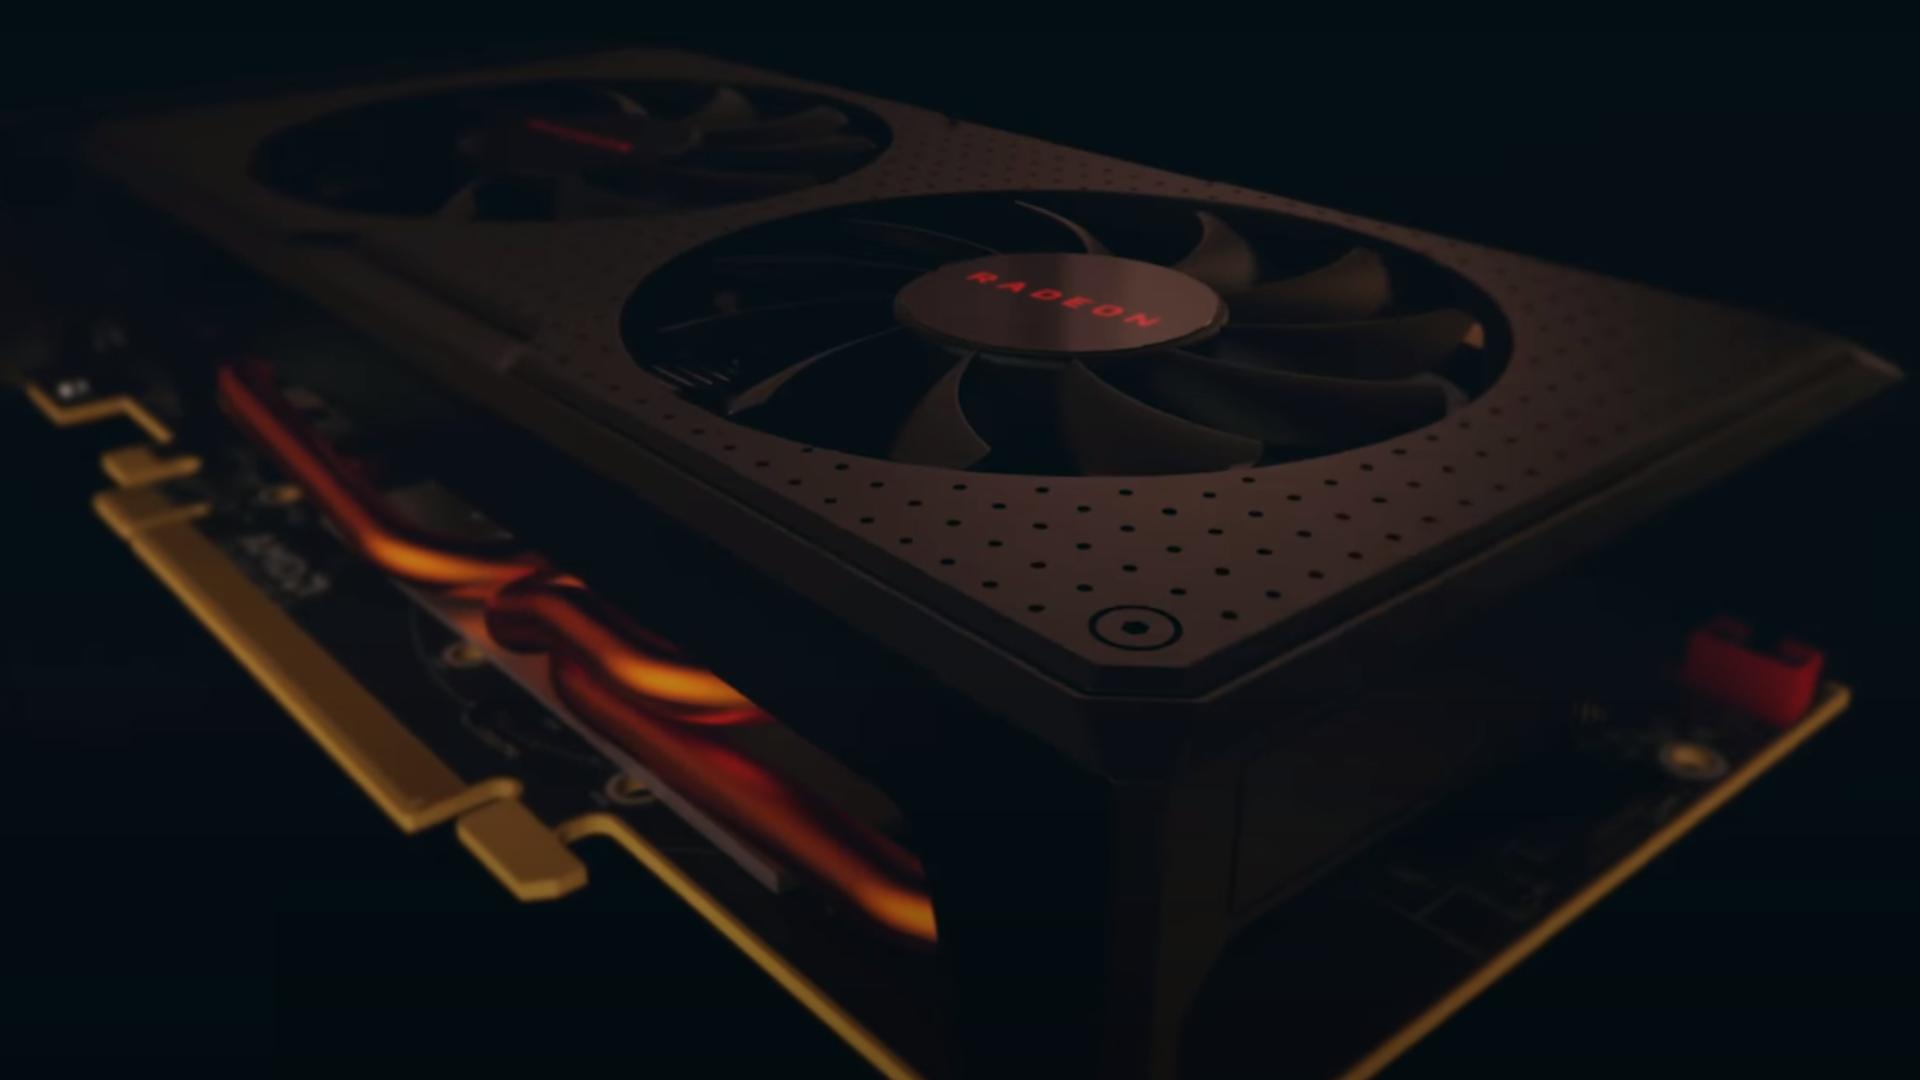 RX 580 tem bom custo-benefício para quem procura placa de vídeo para jogos (Foto: Divulgação/AMD)